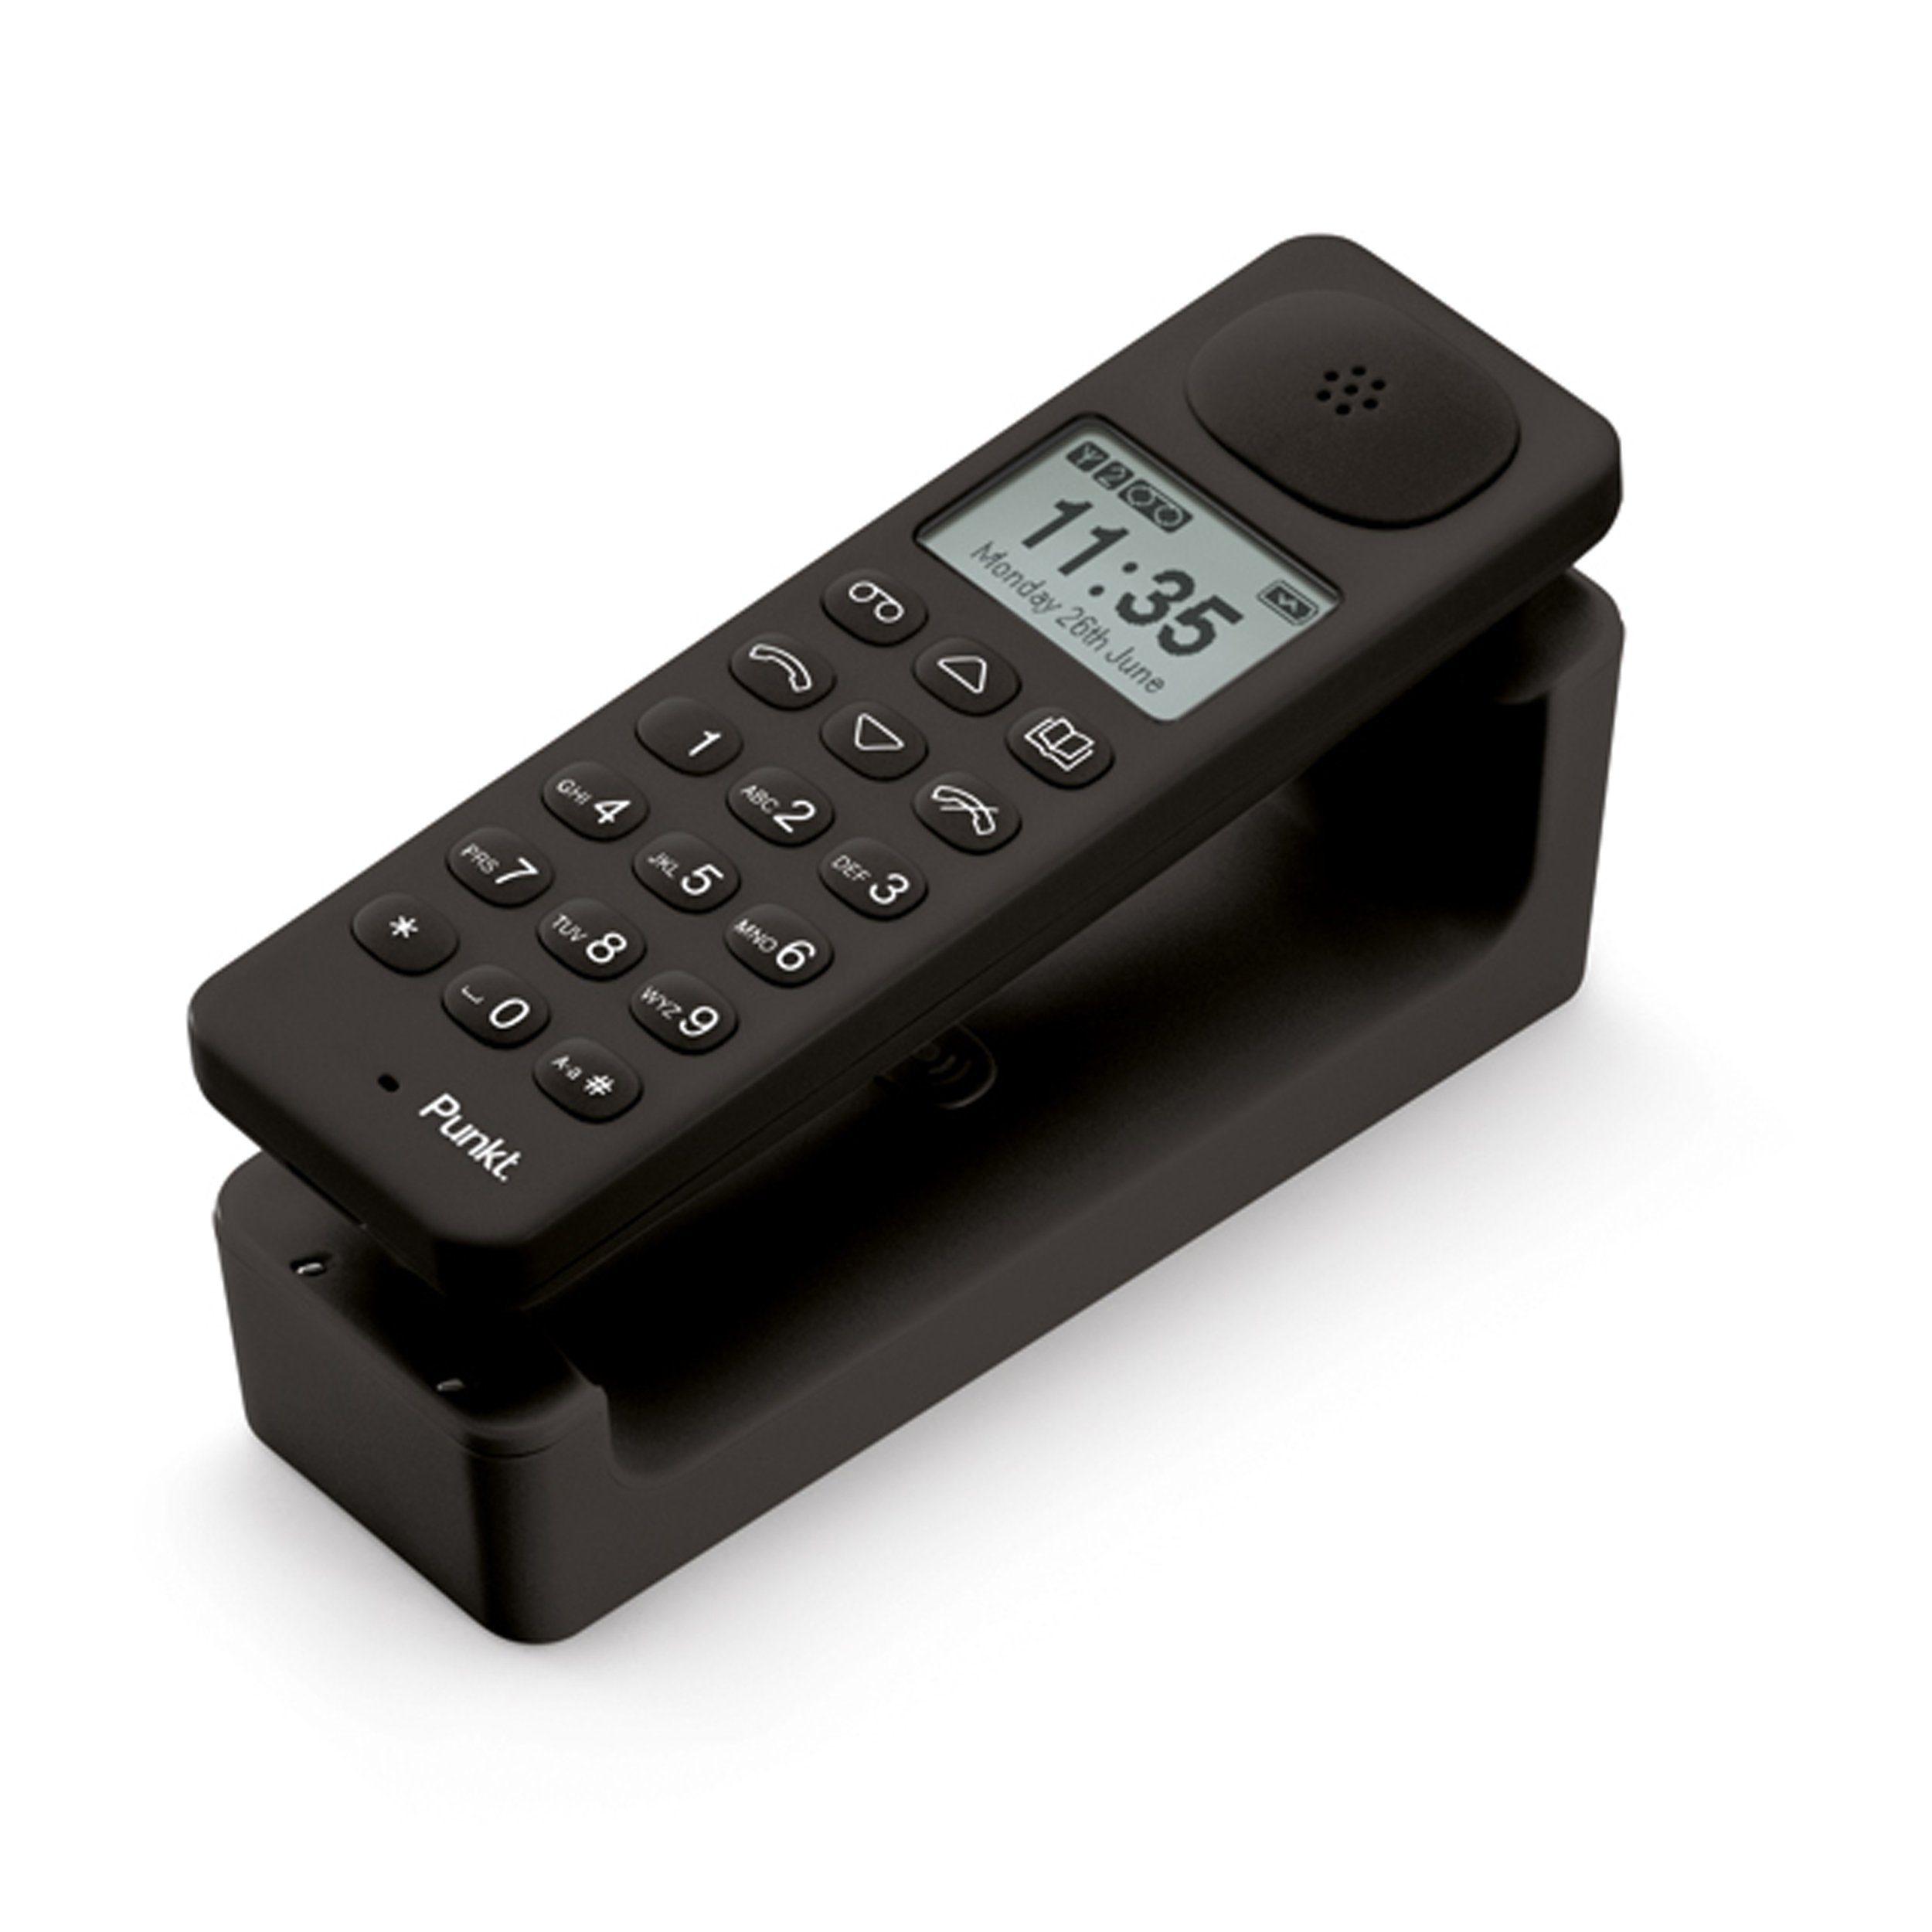 Punkt Schnurloses DECT-Telefon mit Anrufbeantworter »DP01«